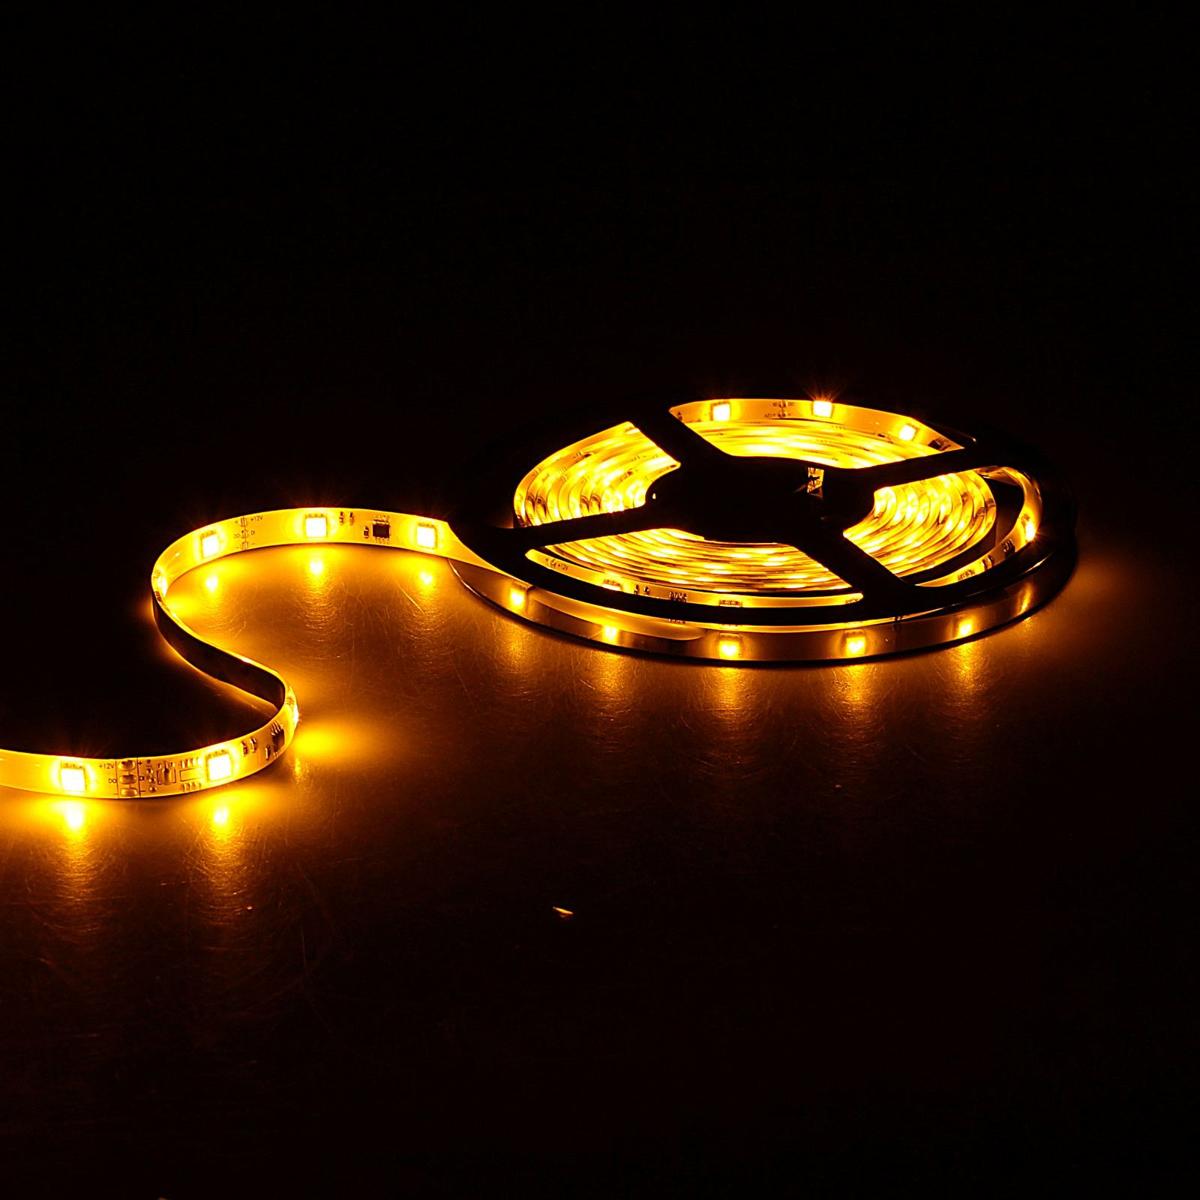 Светодиодная лента Sima-land, 12В, SMD5050, длина 5 м, IP65, 30 LED ламп, 7.2Вт/м, 10-12 Лм/1 LED, DC, цвет: желтый848581Светодиодные гирлянды, ленты и т.д — это отличный вариант для новогоднего оформления интерьера или фасада. С их помощью помещение любого размера можно превратить в праздничный зал, а внешние элементы зданий, украшенные ими, мгновенно станут напоминать очертания сказочного дворца. Такие украшения создают ауру предвкушения чуда. Деревья, фасады, витрины, окна и арки будто специально созданы, чтобы вы украсили их светящимися нитями.